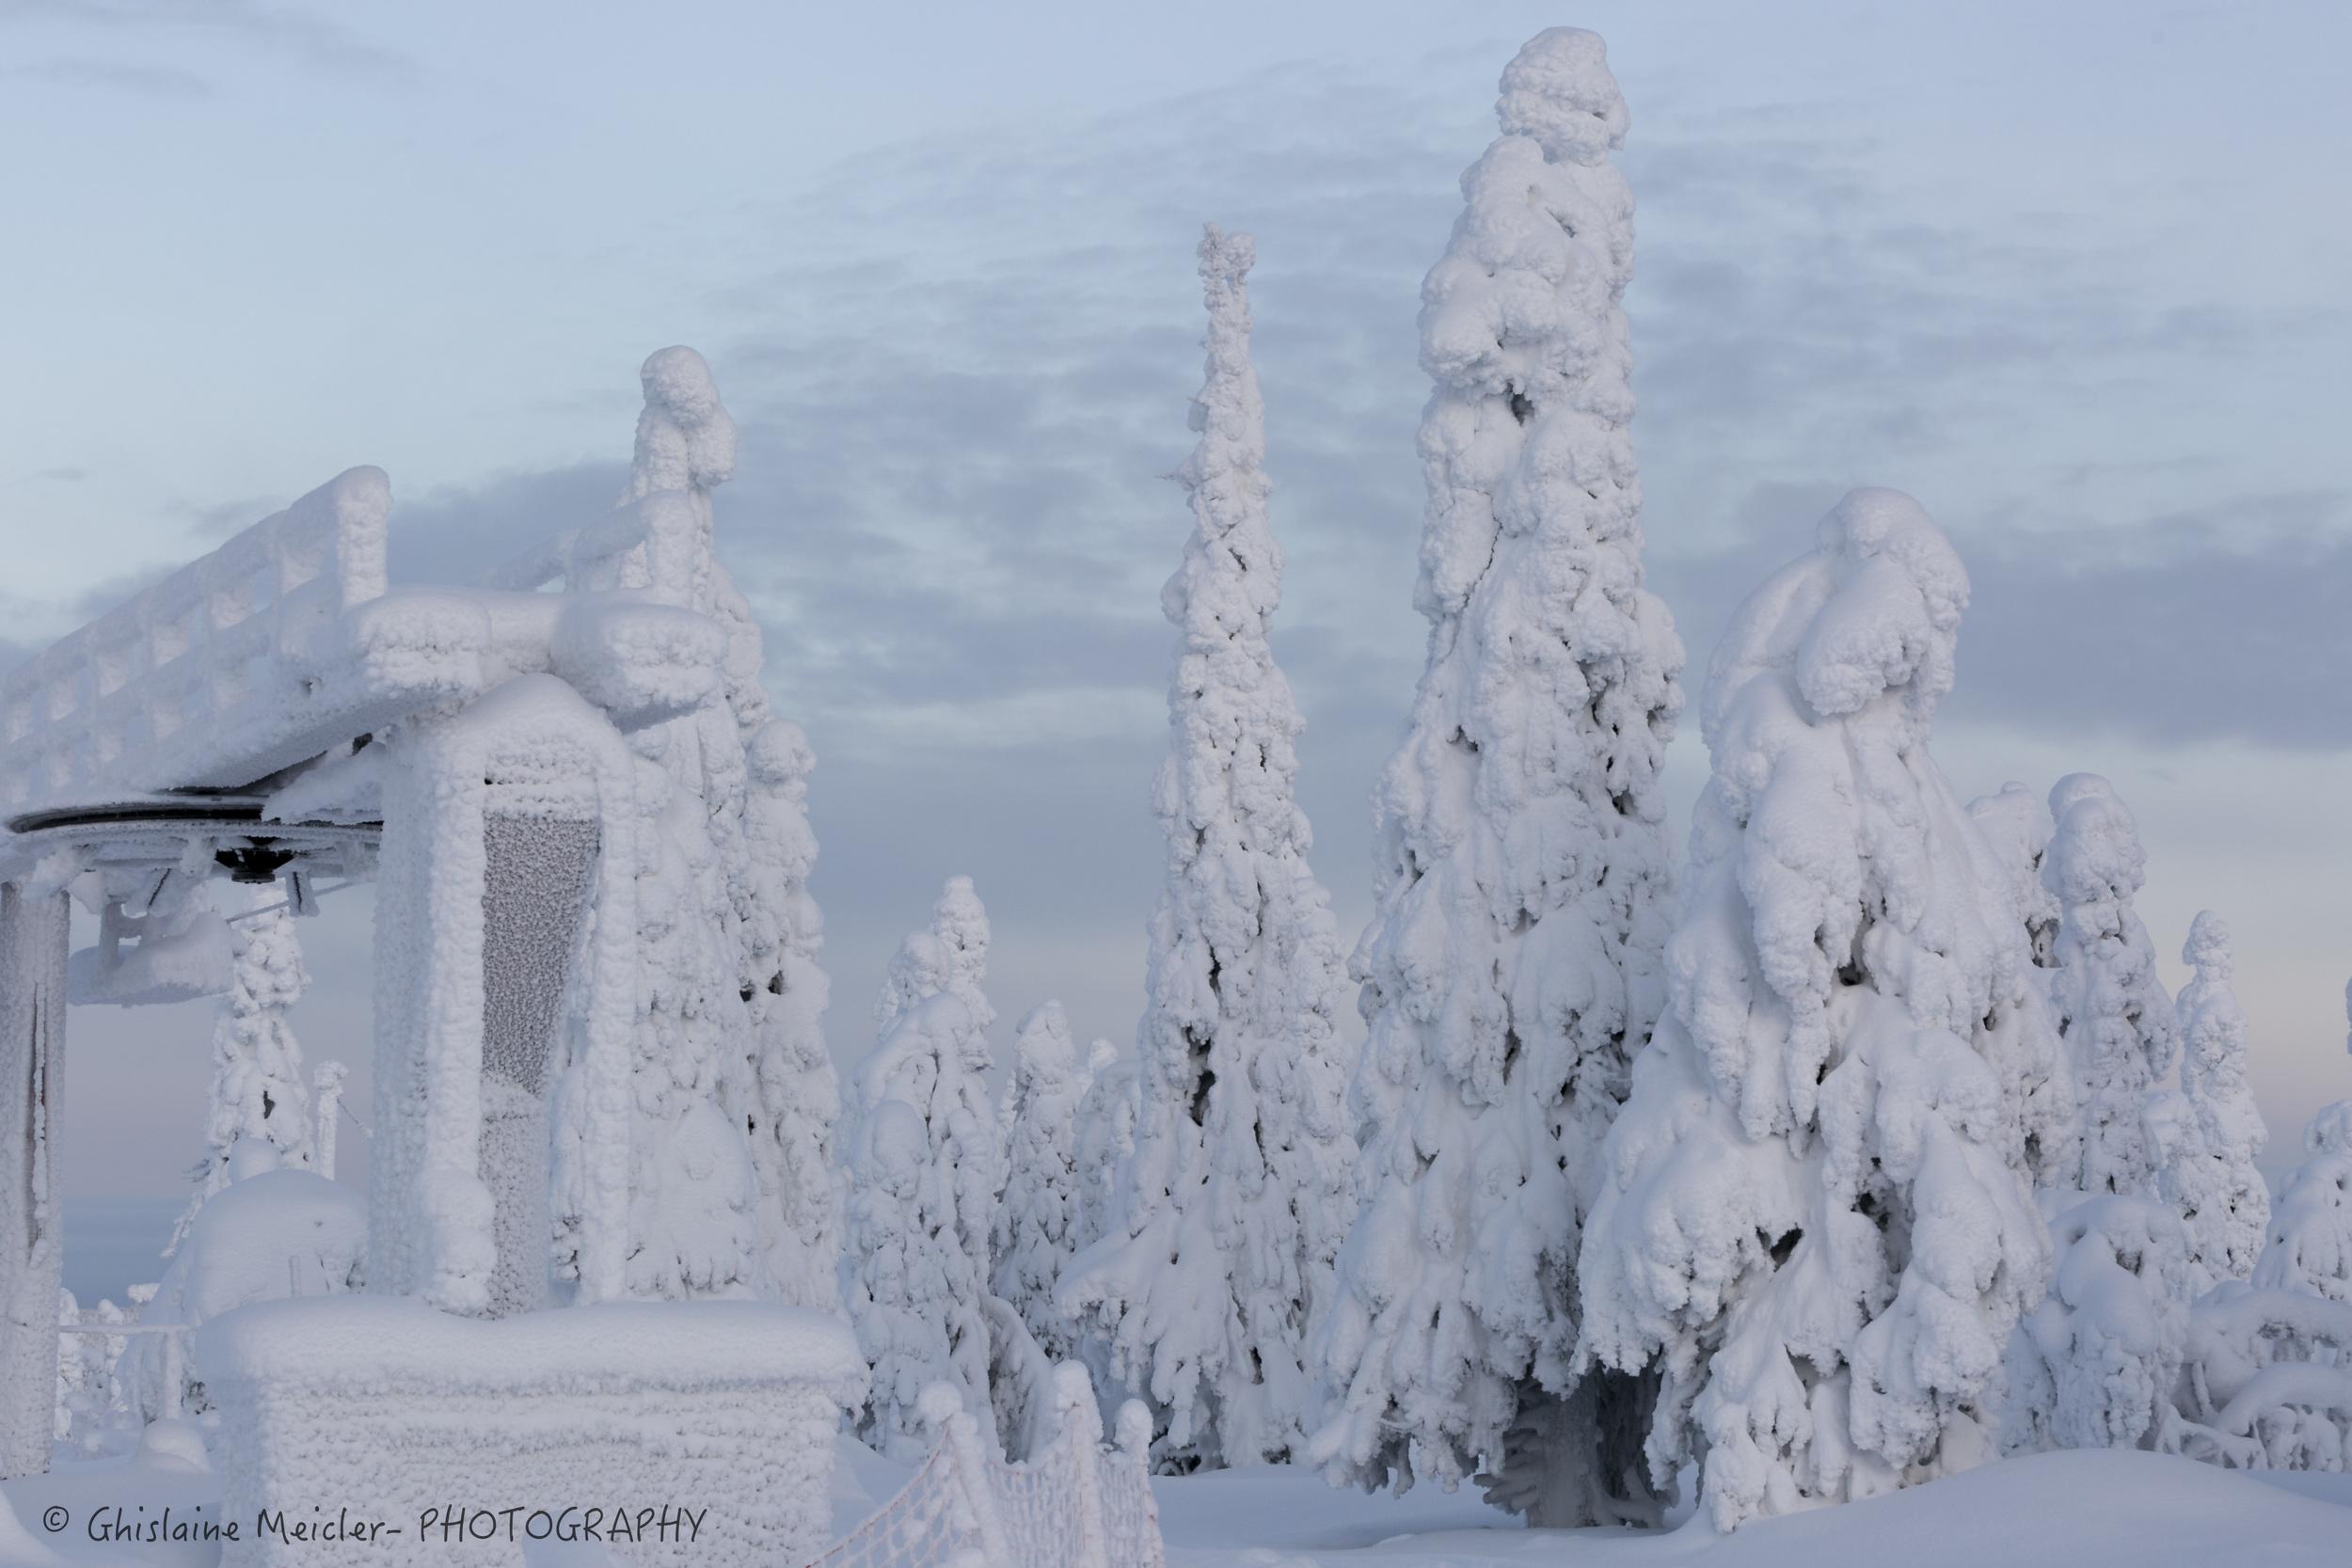 Finlande-30-4.jpg